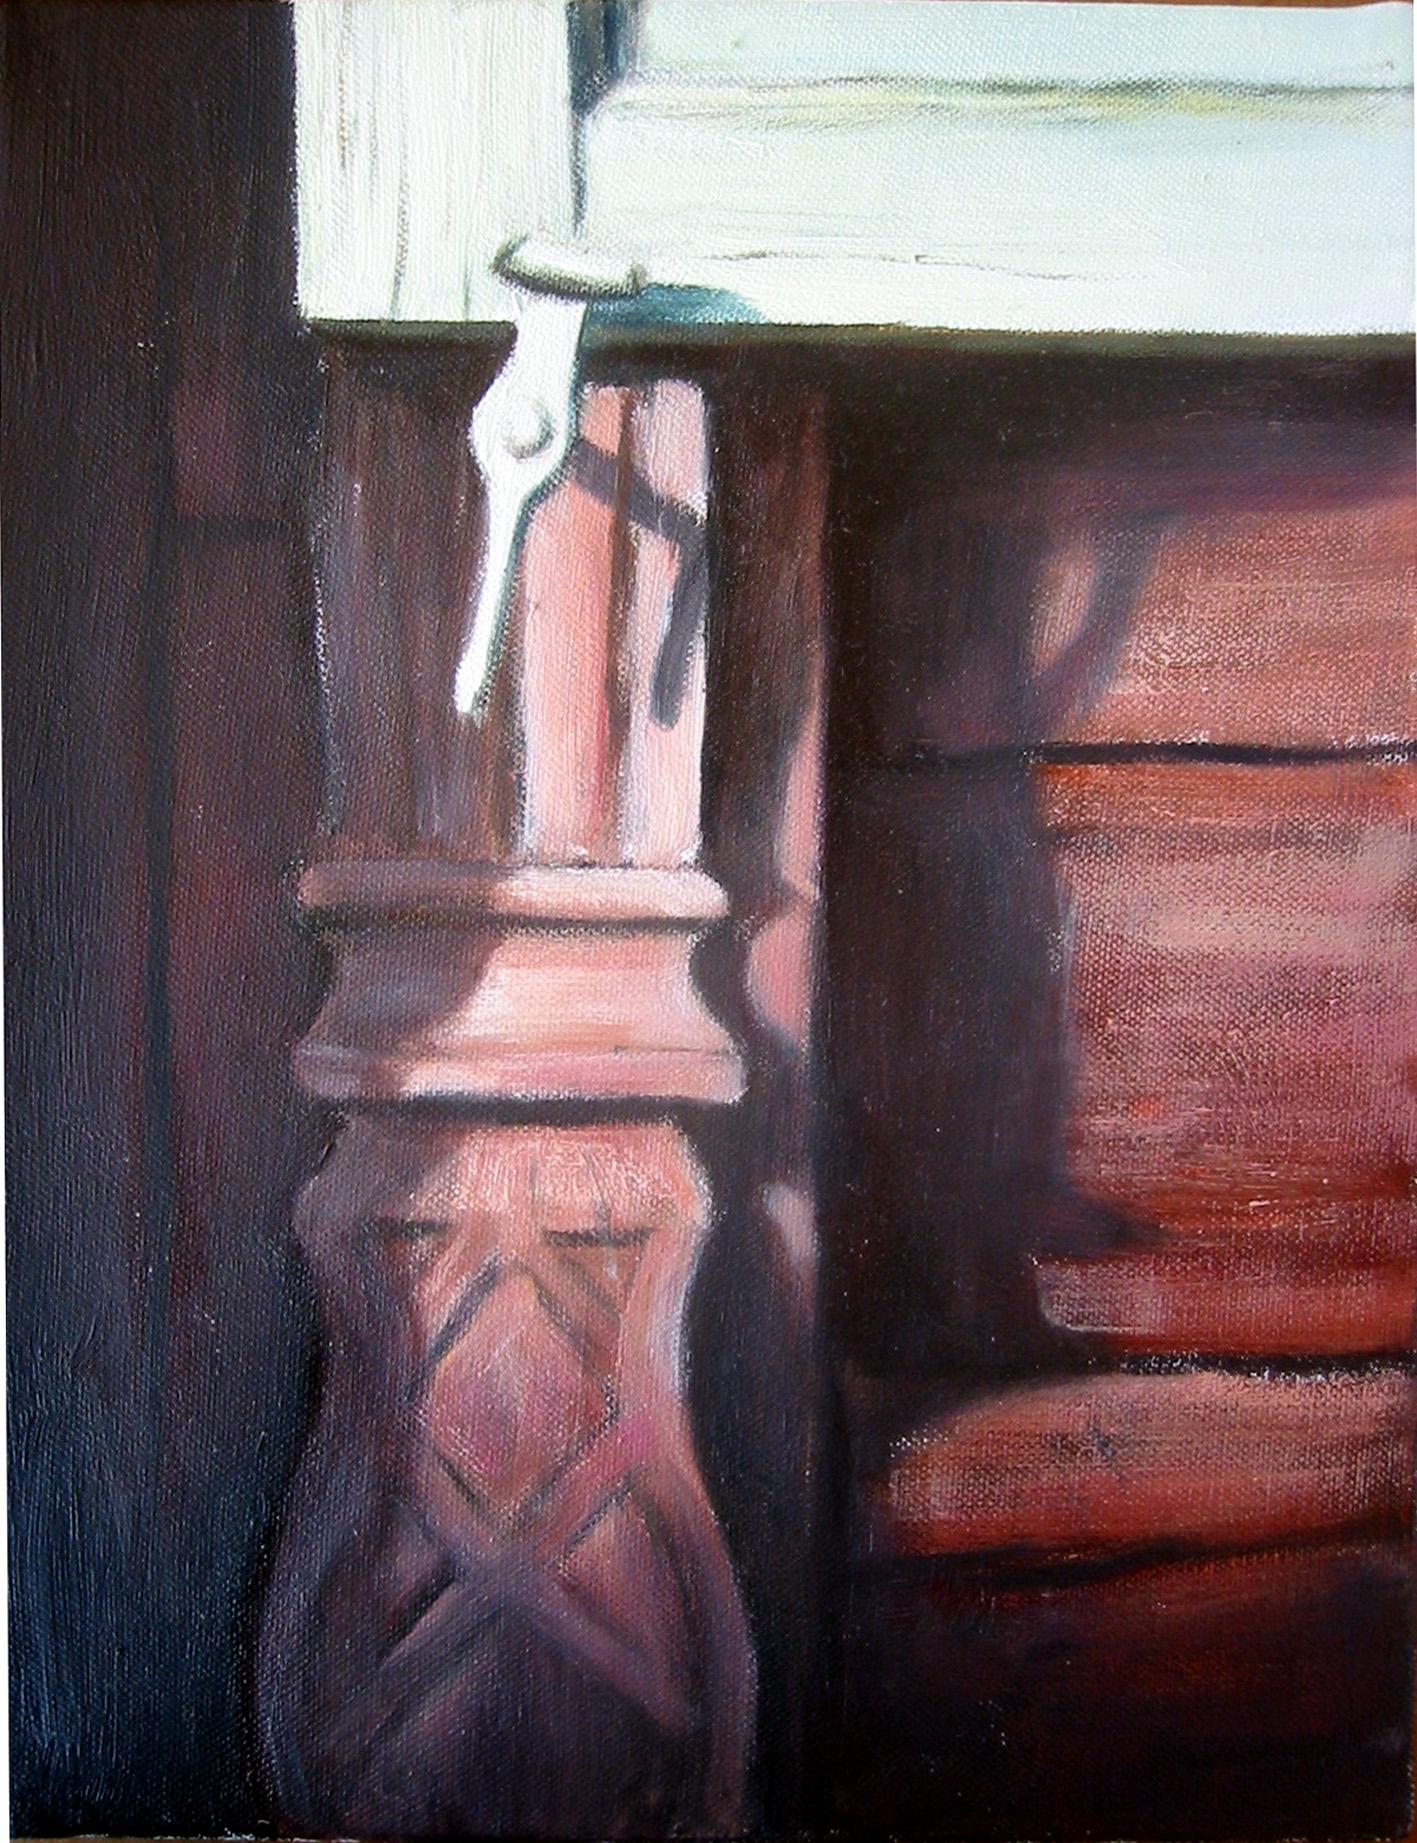 Exteriör med snickarglädje  Oil on canvas 2005